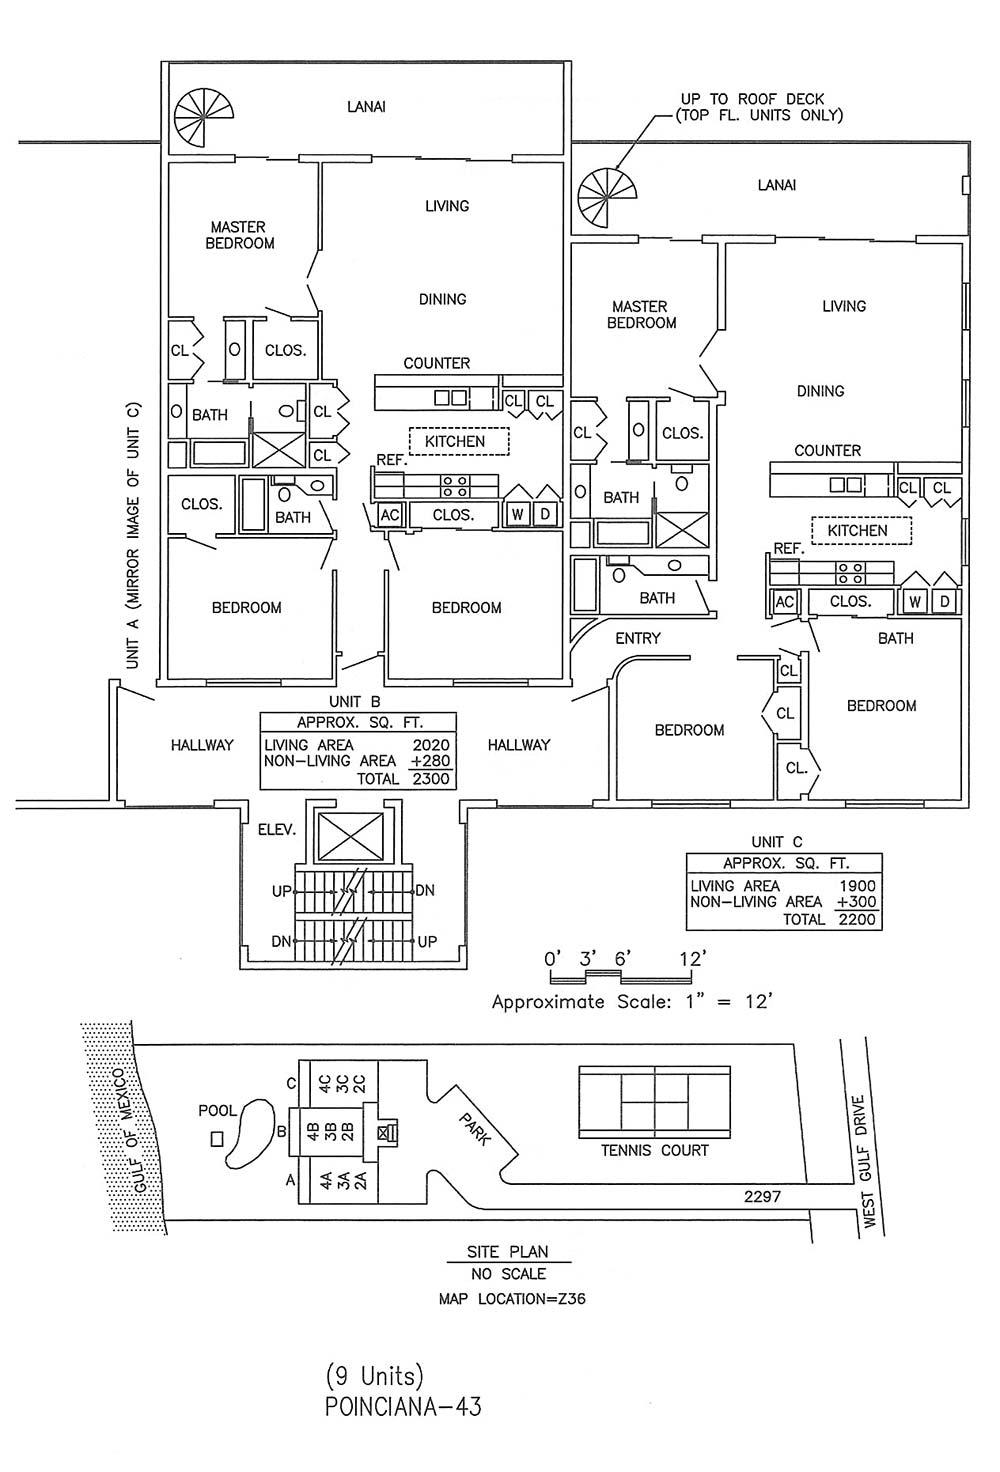 Poinciana Sanibel Island Florida Condominiums